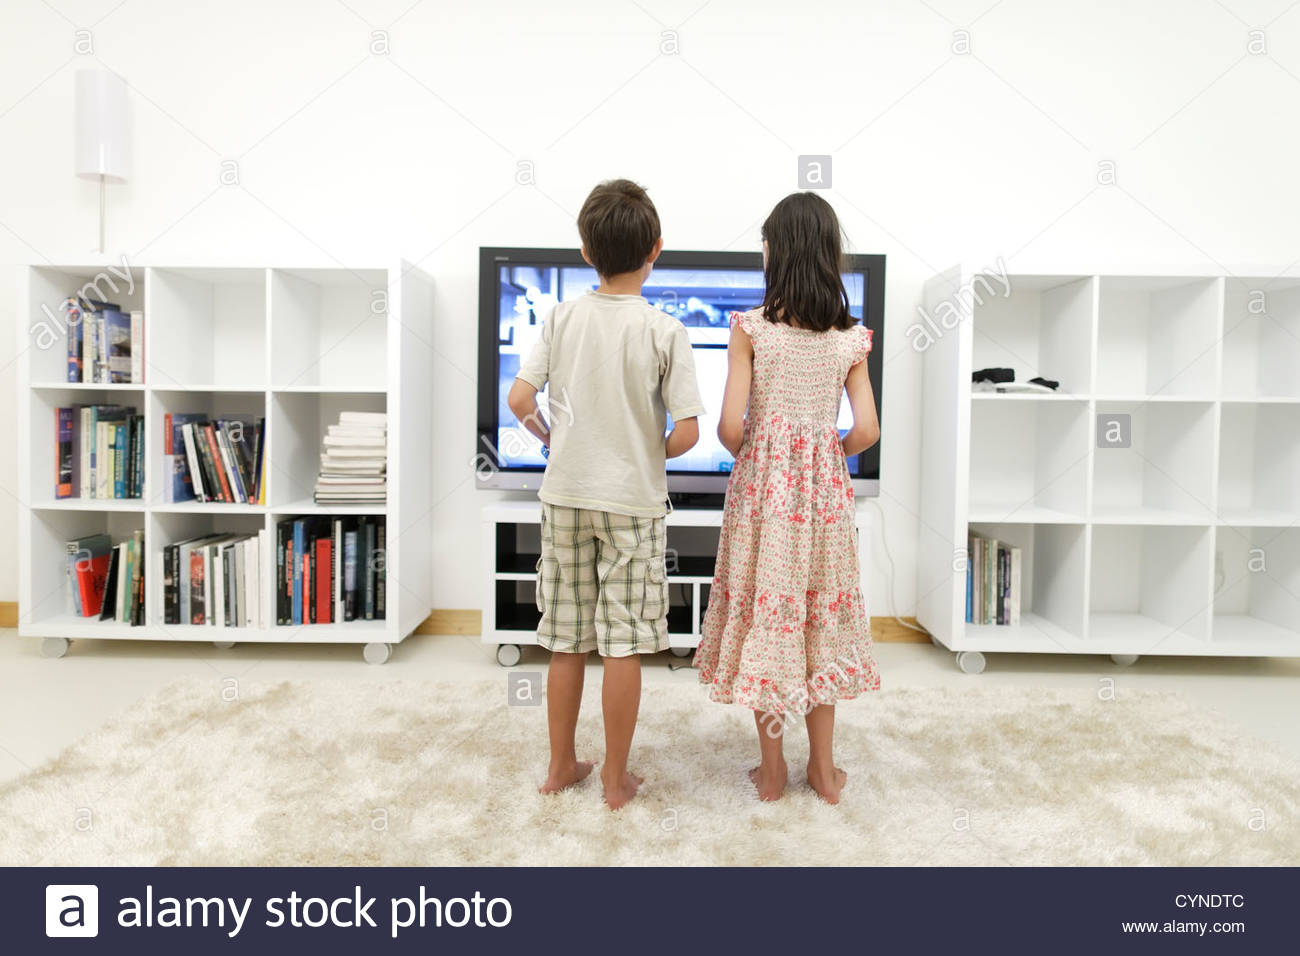 Garçon Et Fille Jouer À Des Jeux Vidéo Sur Grand Écran 55 dedans Jeux De Grand Garçon